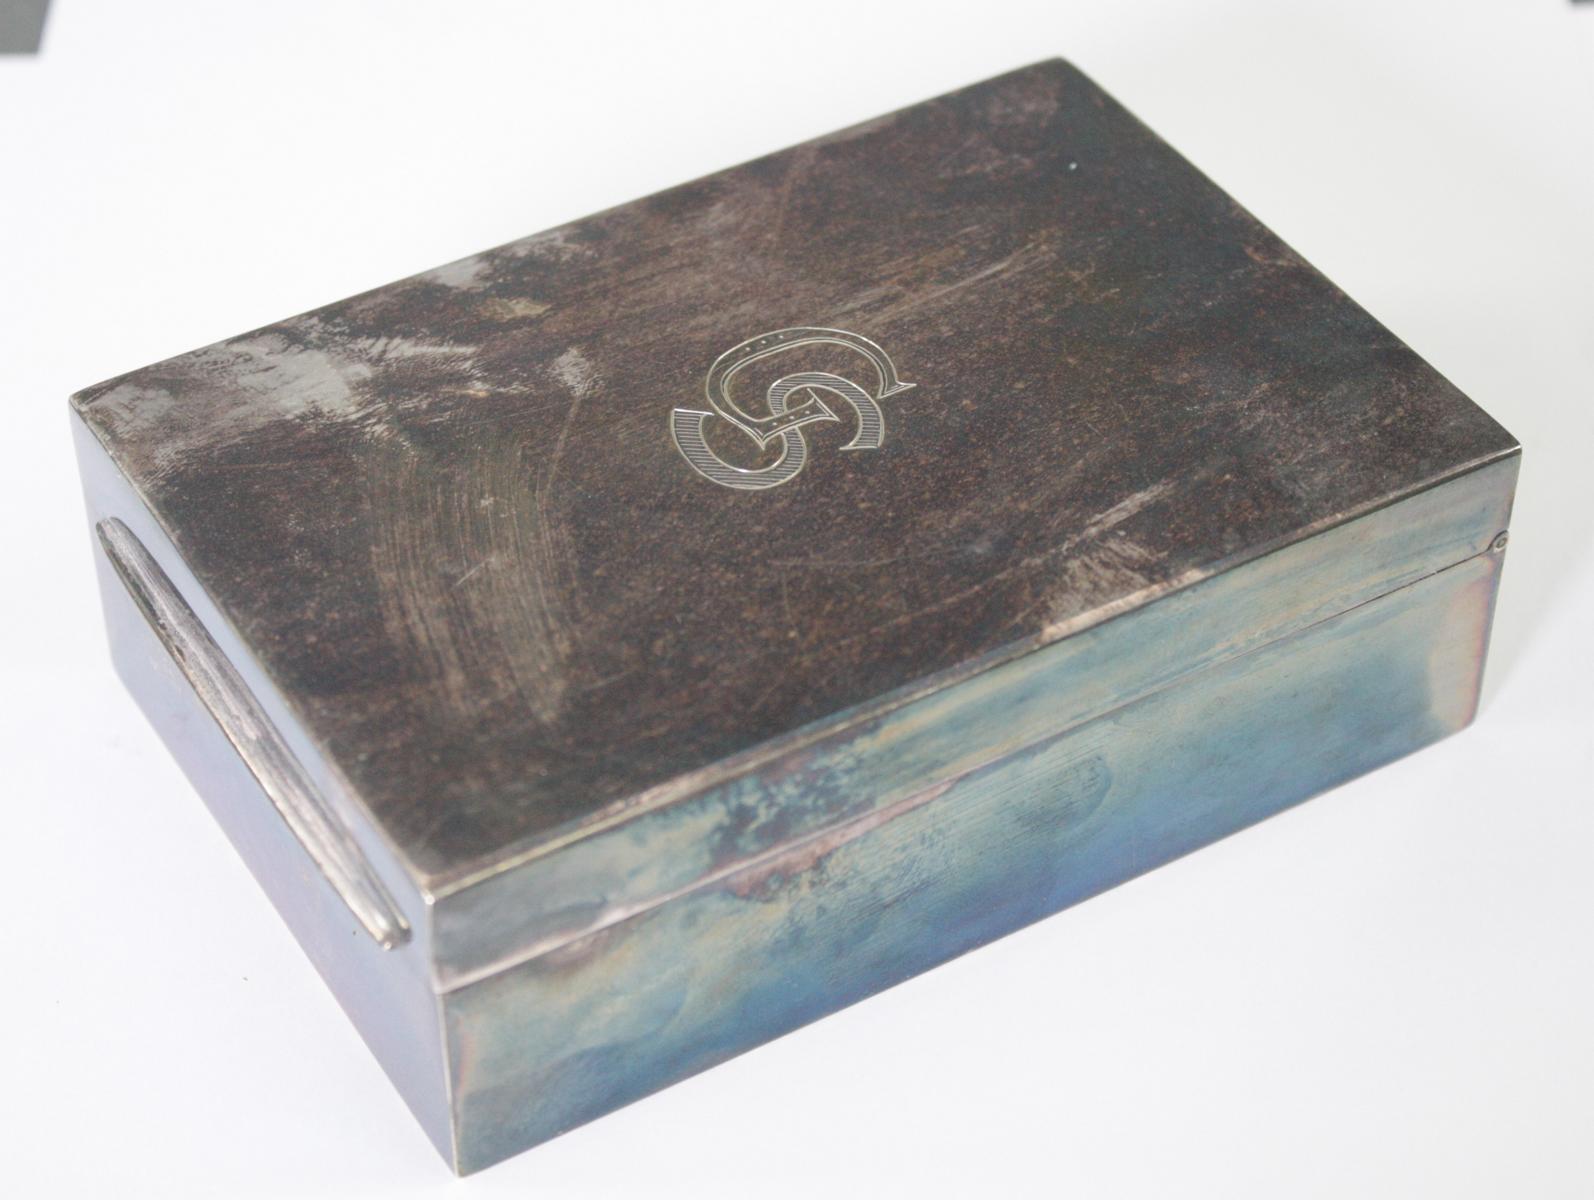 Silberne Deckeldose mit Monogramm GS, Zigarettendose-2